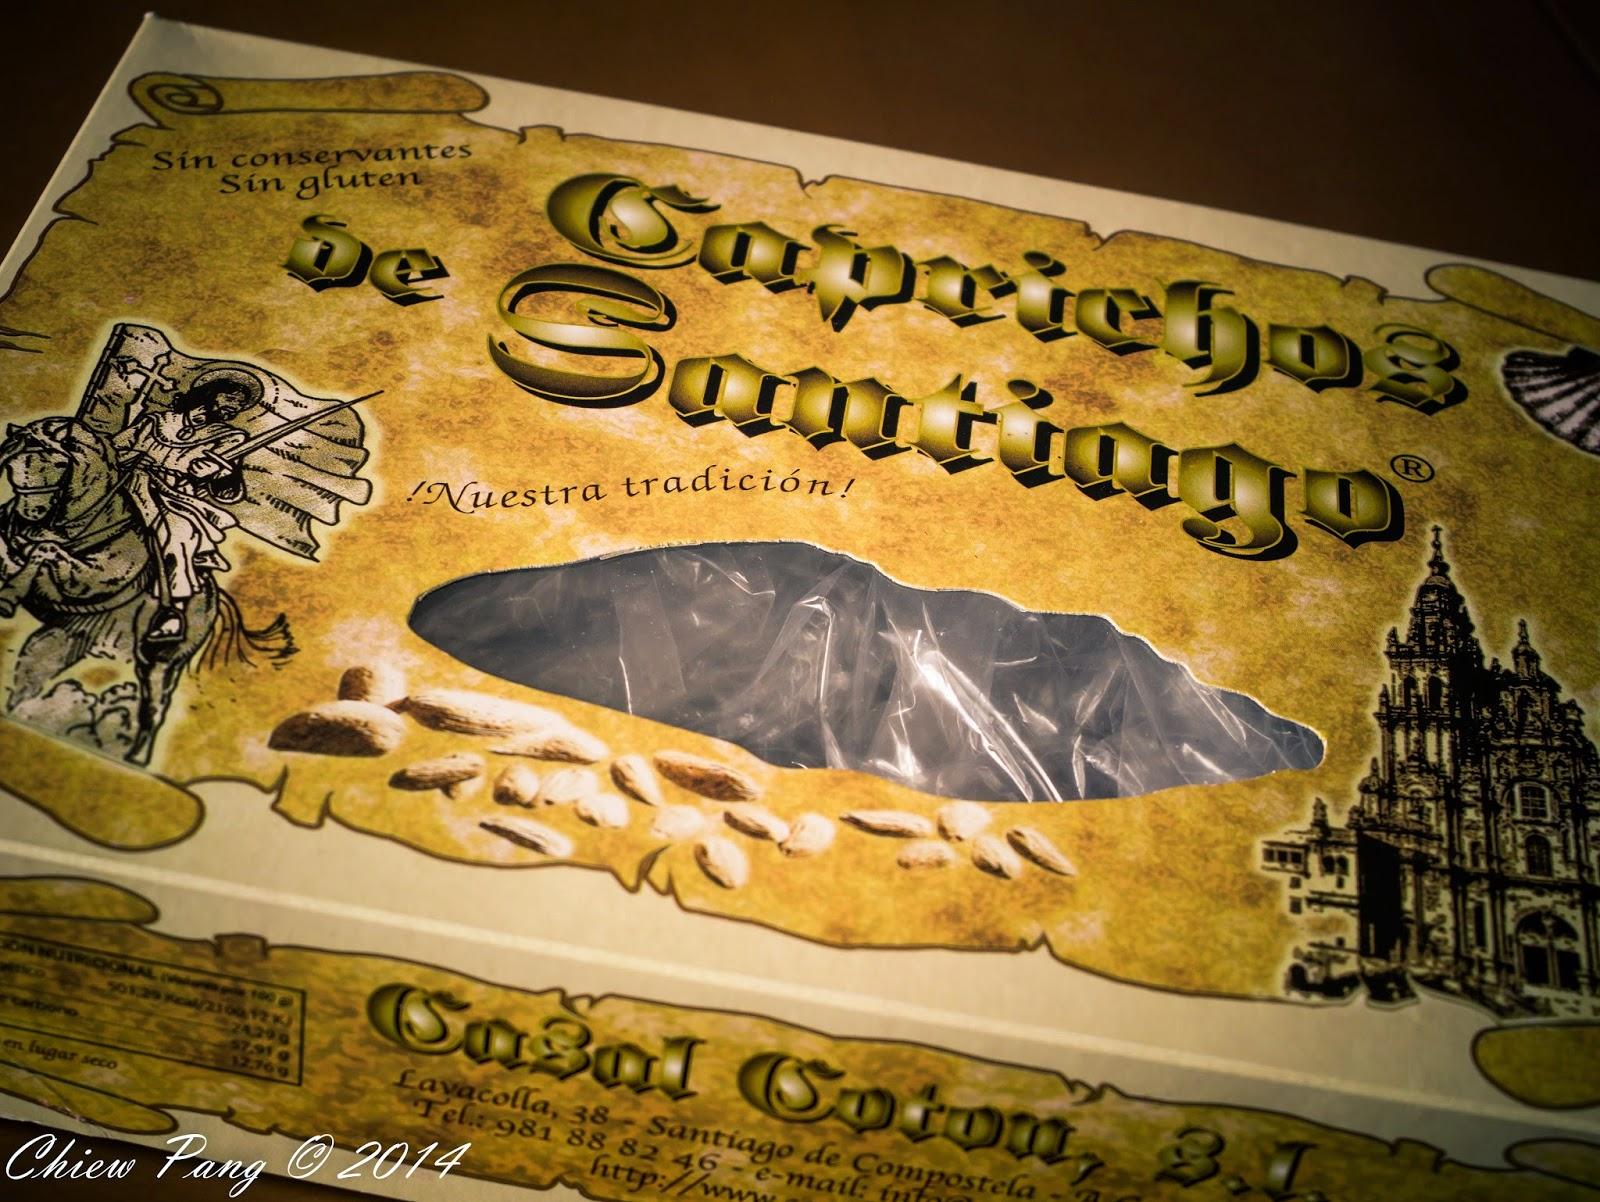 Caprichos de Santiago, Casal Coton, Santiago